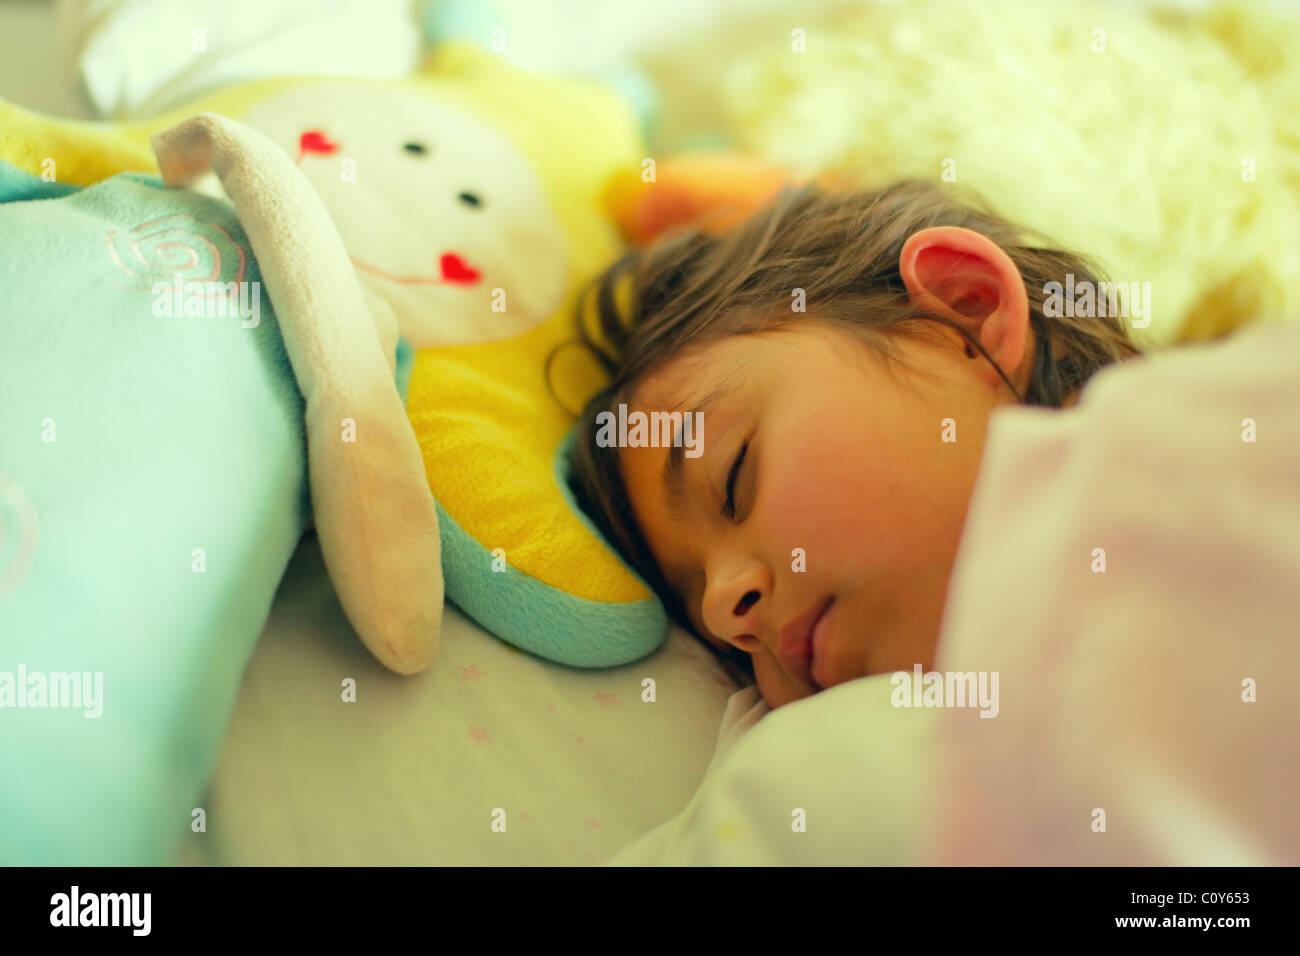 Rapariga tenha mentira com brinquedo doll na cama. Imagens de Stock